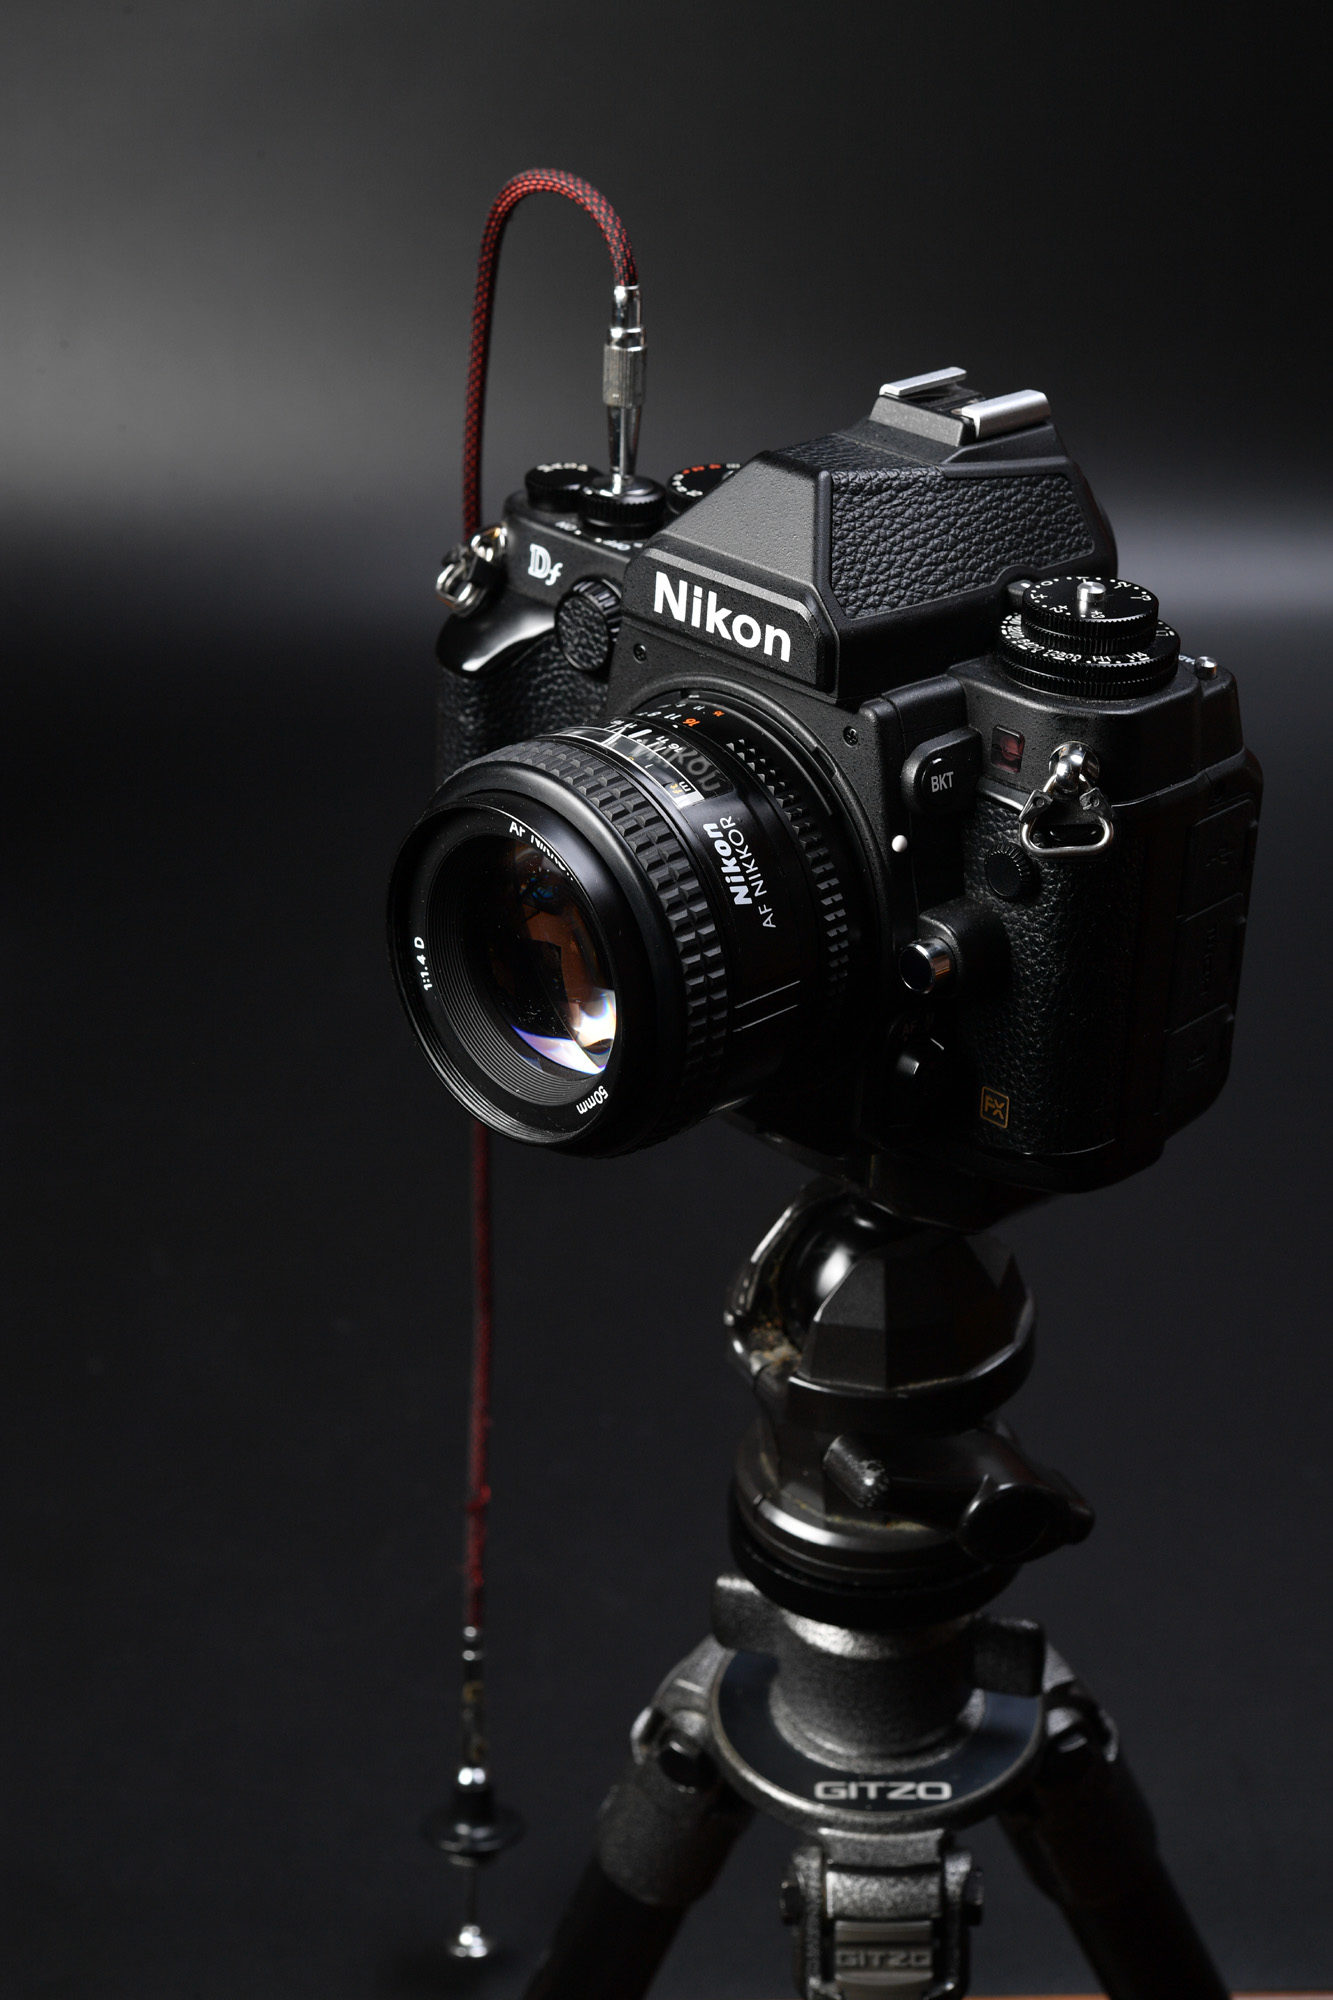 Nikon DF 購入したのでNikon FEと比べてみる。